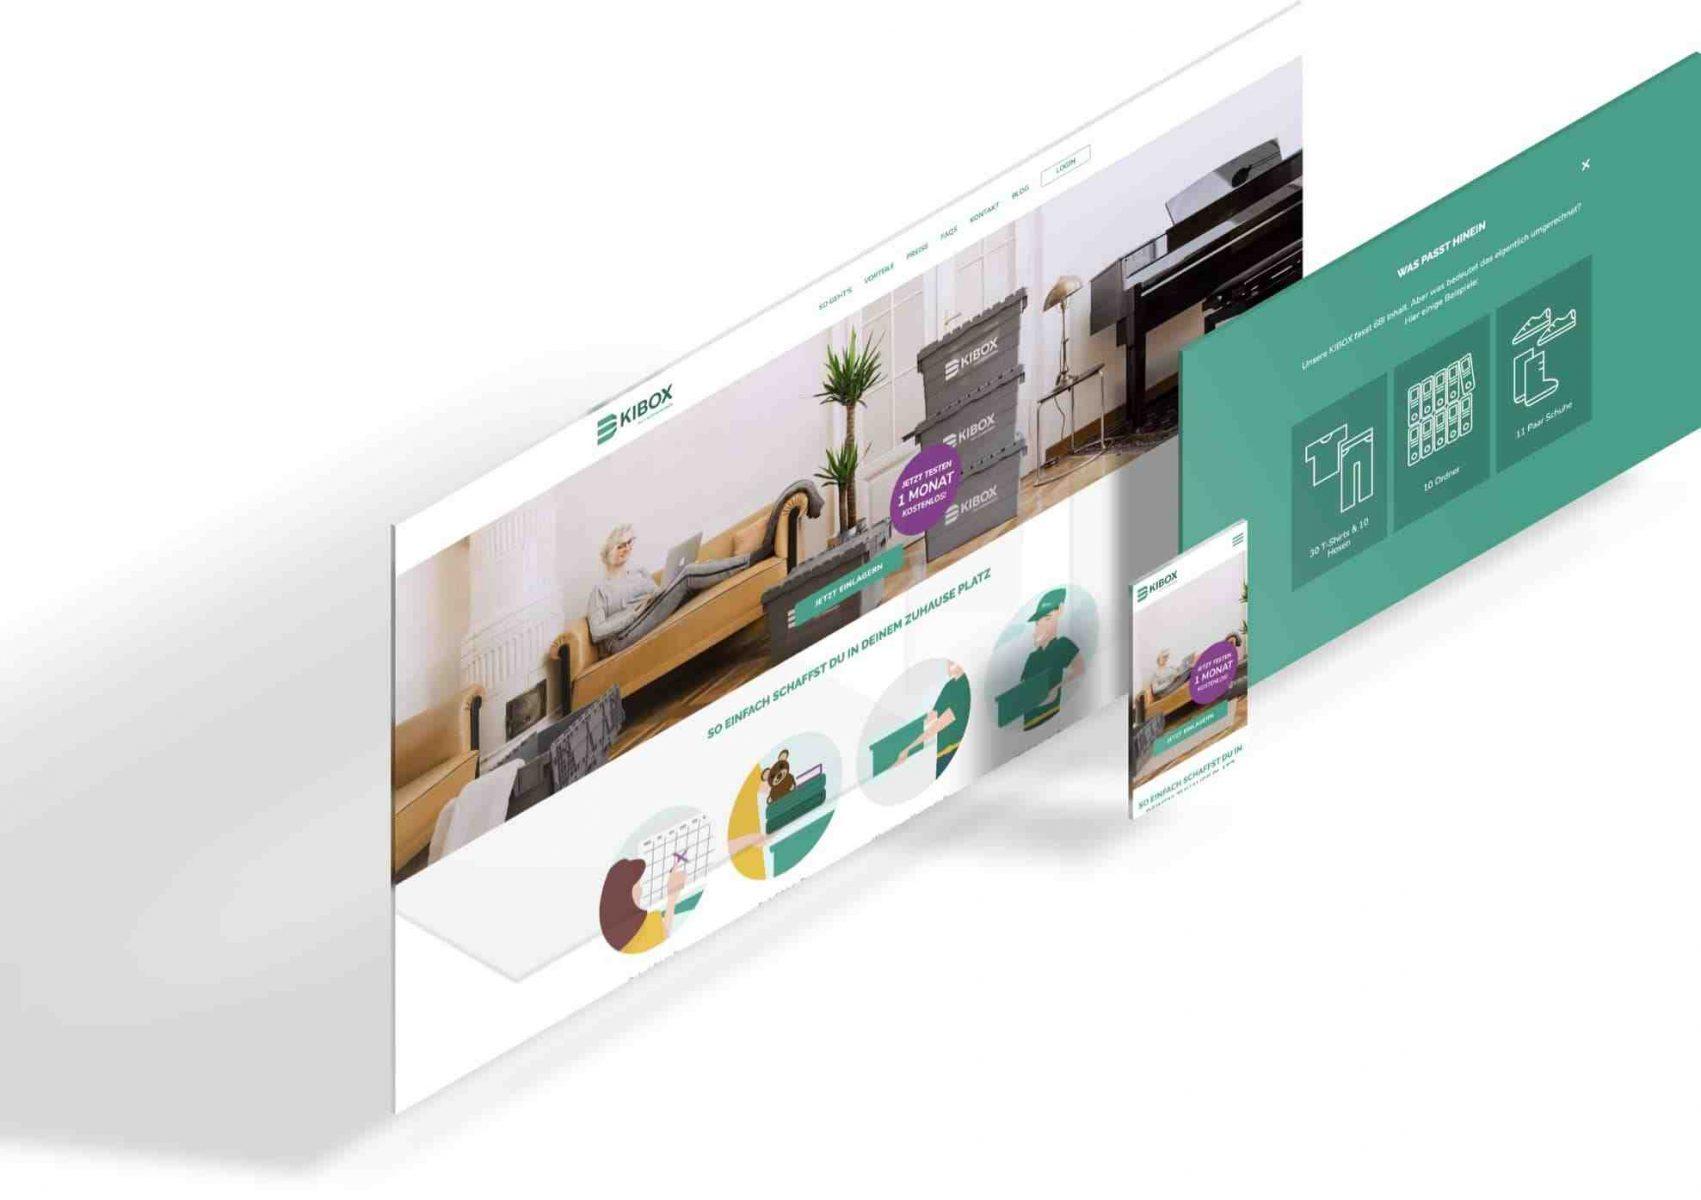 Die Ansicht der KIBOX Website auf den verschiedenen Gerätem um zu zeigen, dass das Design responsive ist